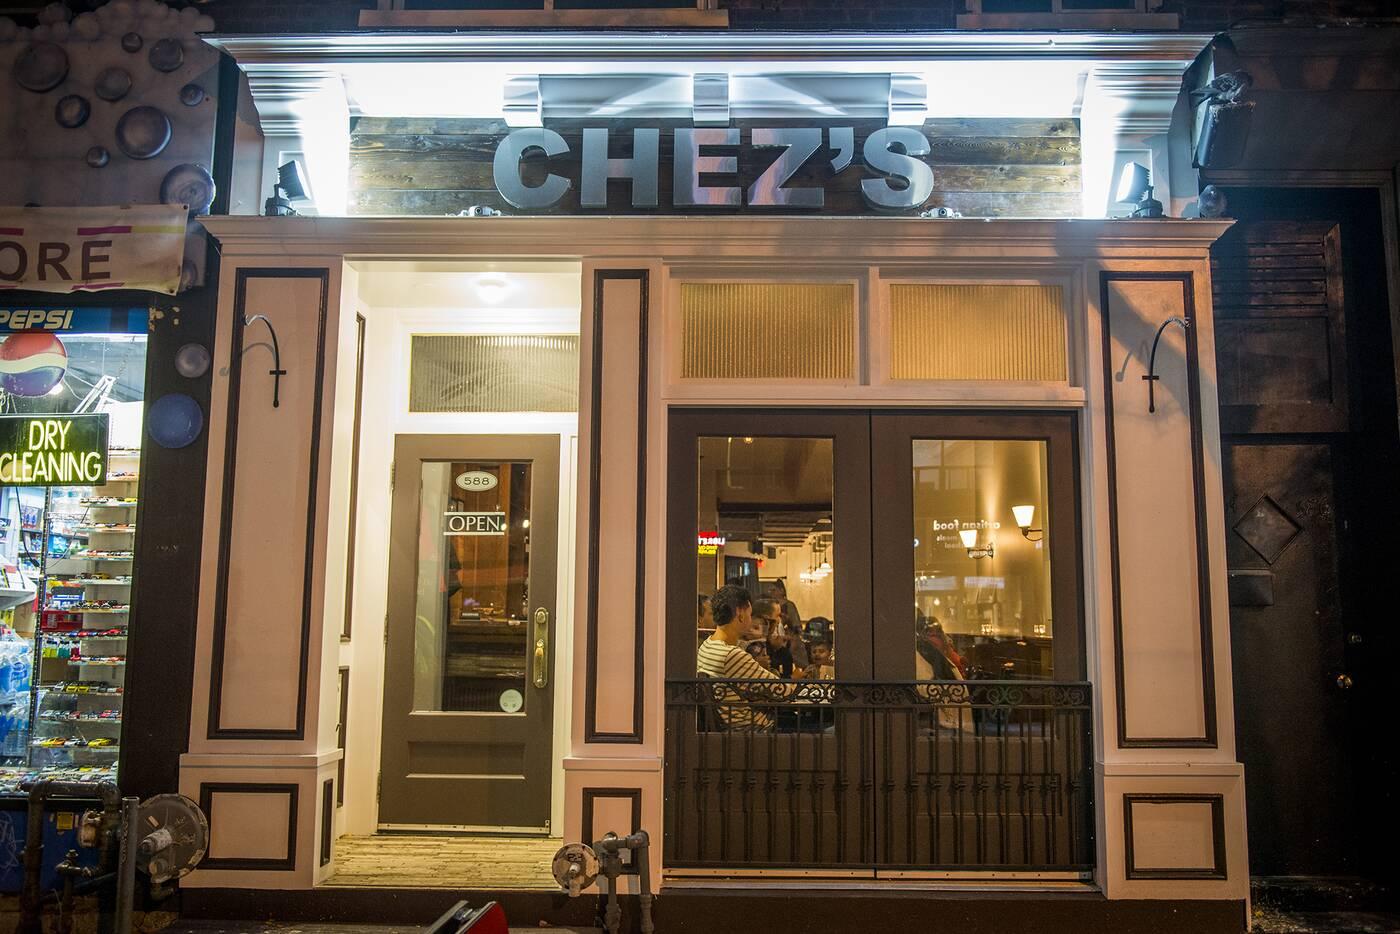 Chezs Toronto